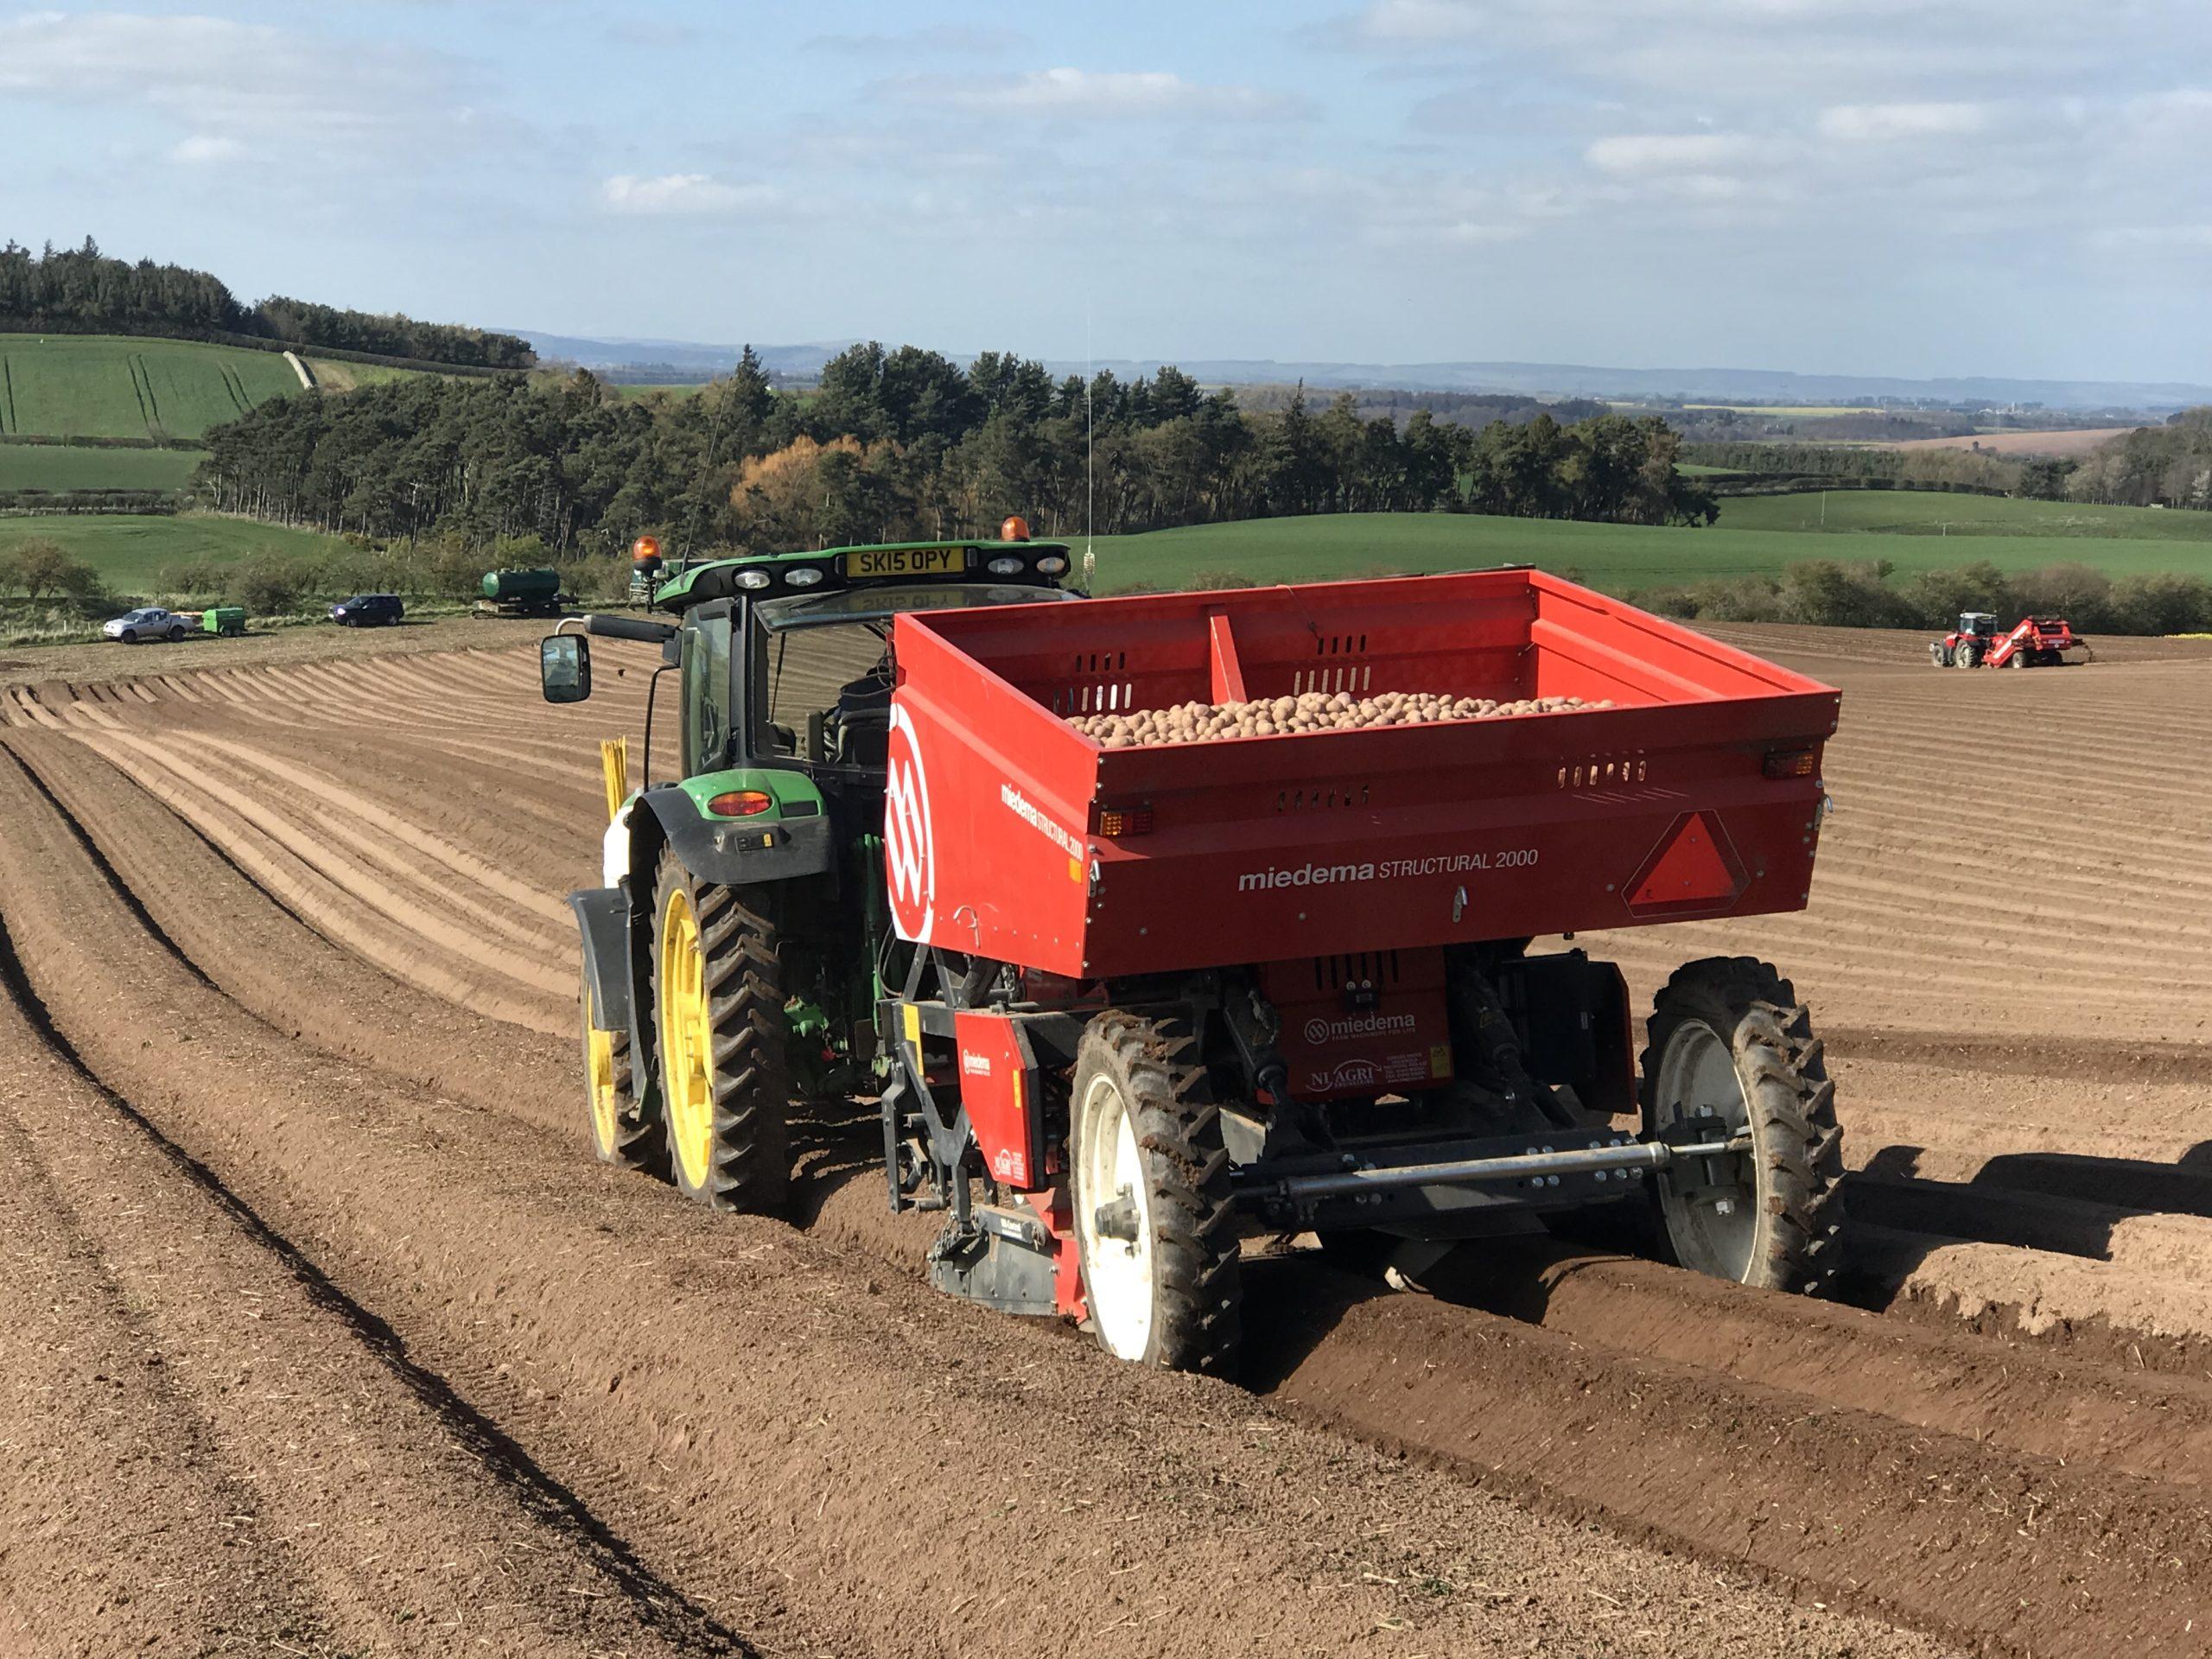 Tractor in potato field